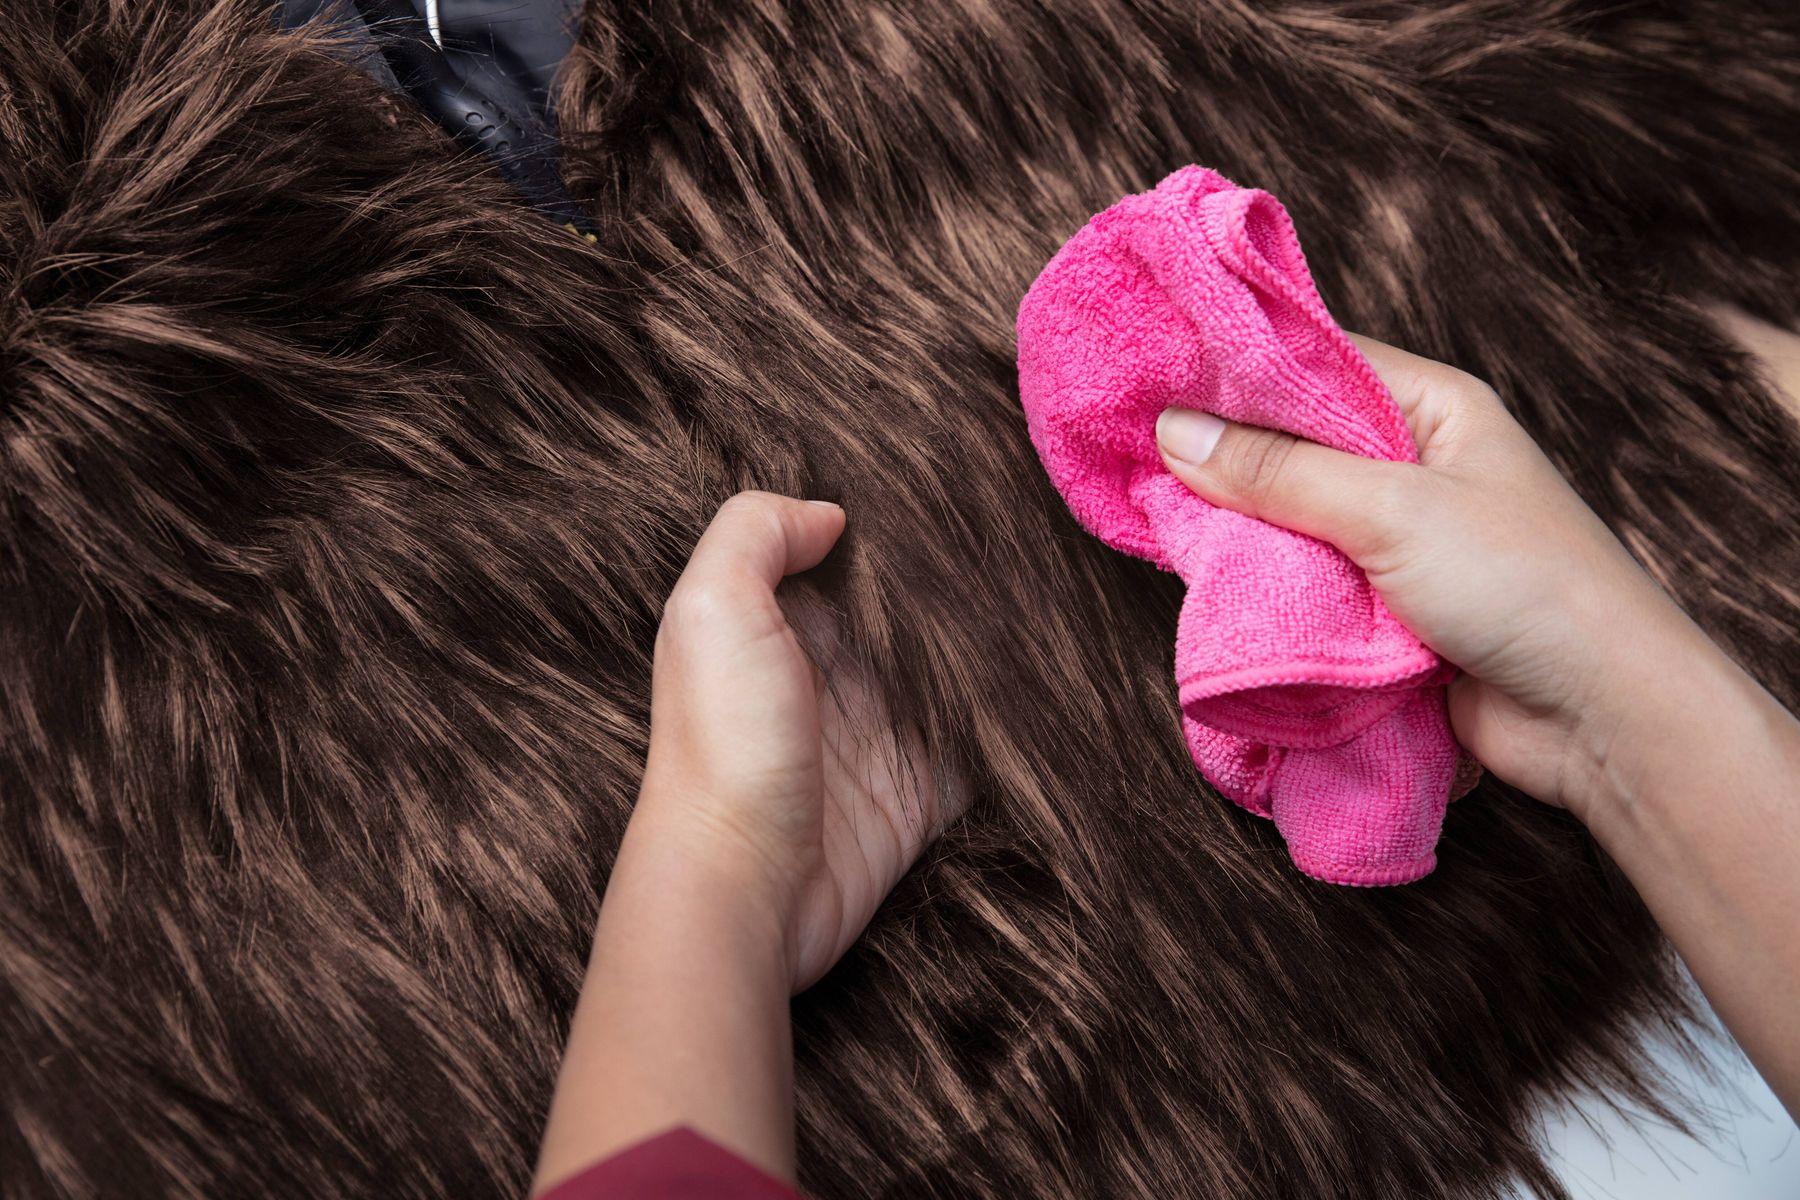 как почистить шубу с помощью розовой тряпочки